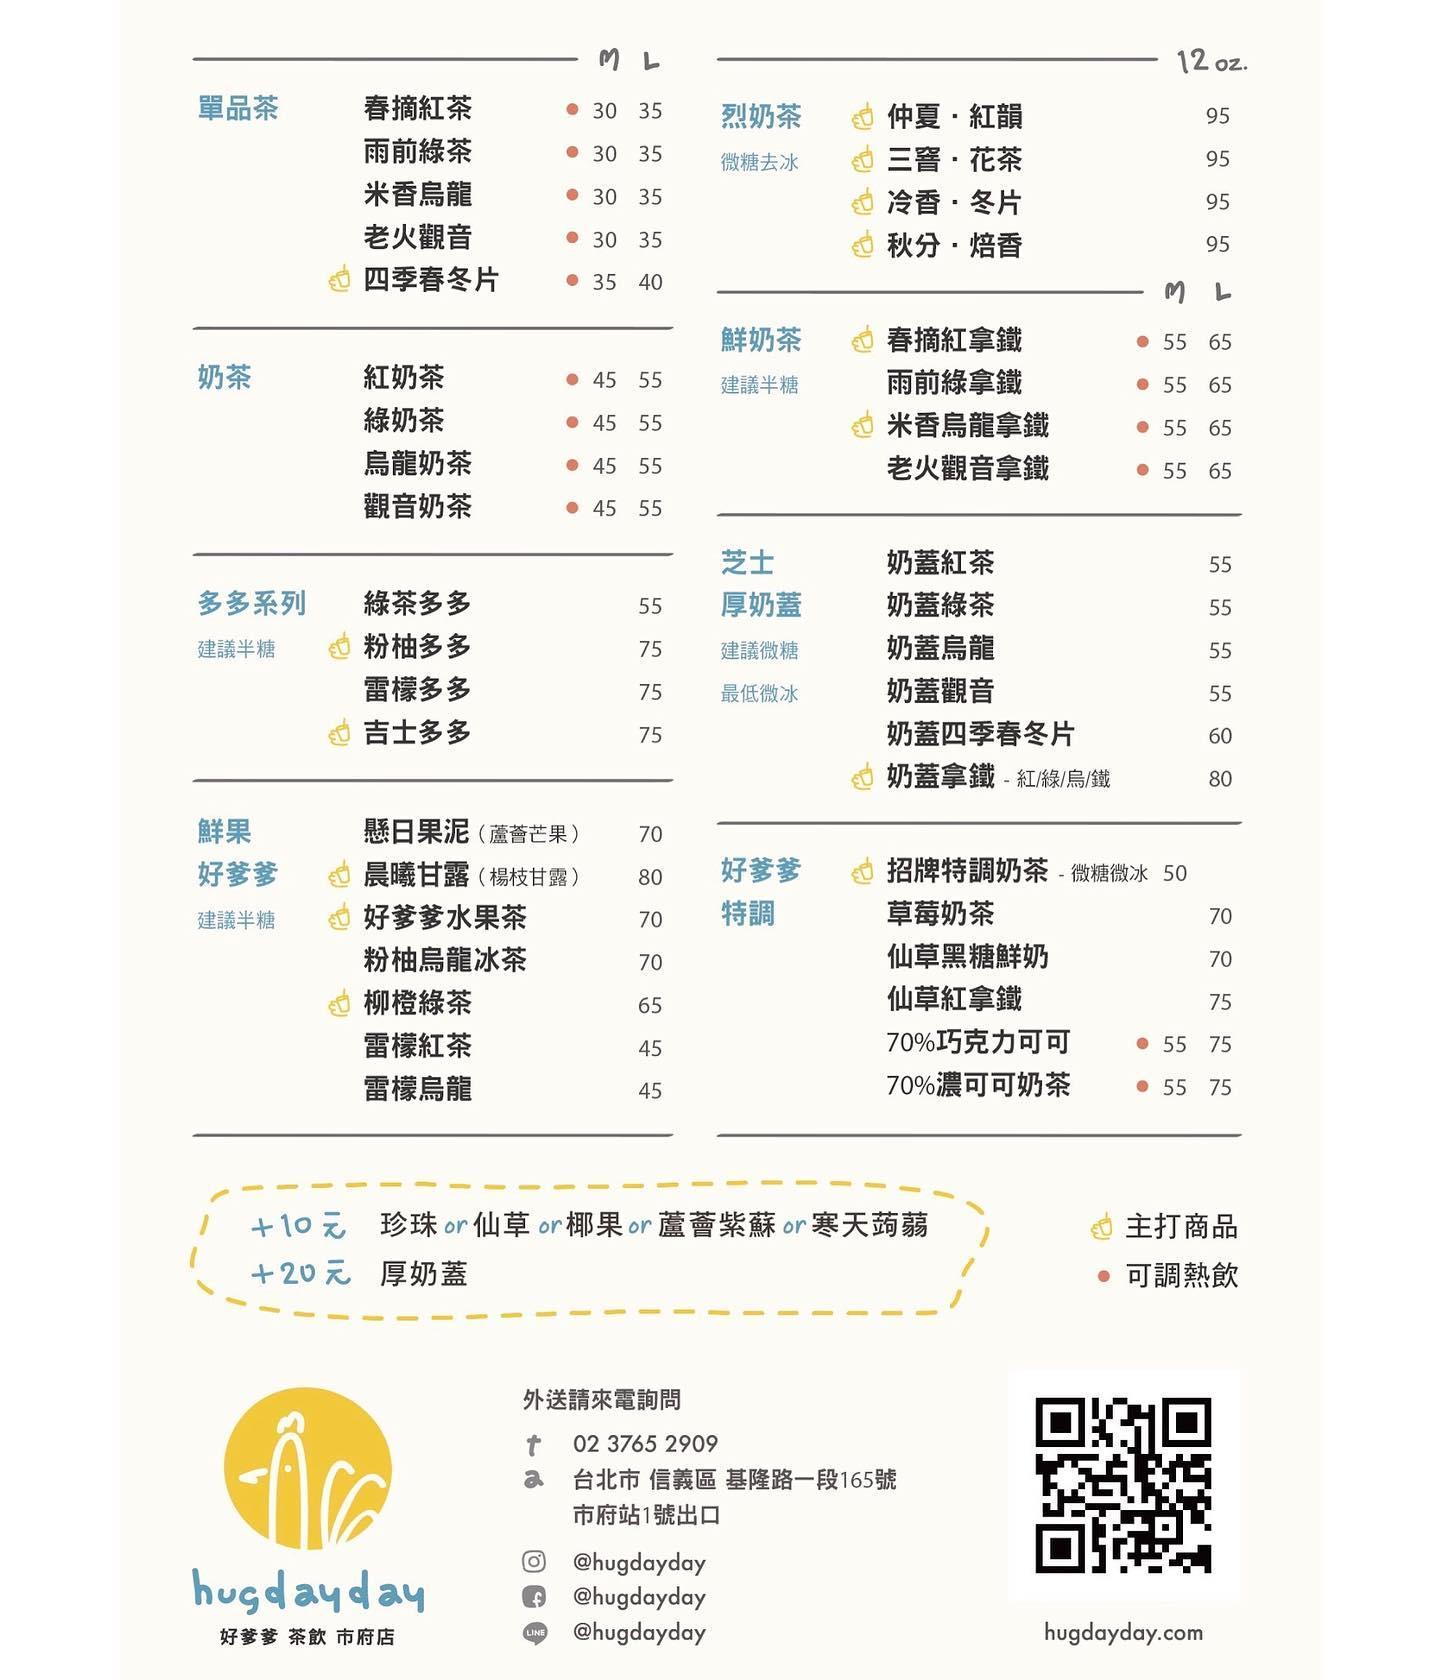 台北美食。hugdayday 好爹爹烈奶茶|台北東區最新最潮的手搖茶品~有%數的奶茶沒喝過吧?捷運市政府站美食推薦